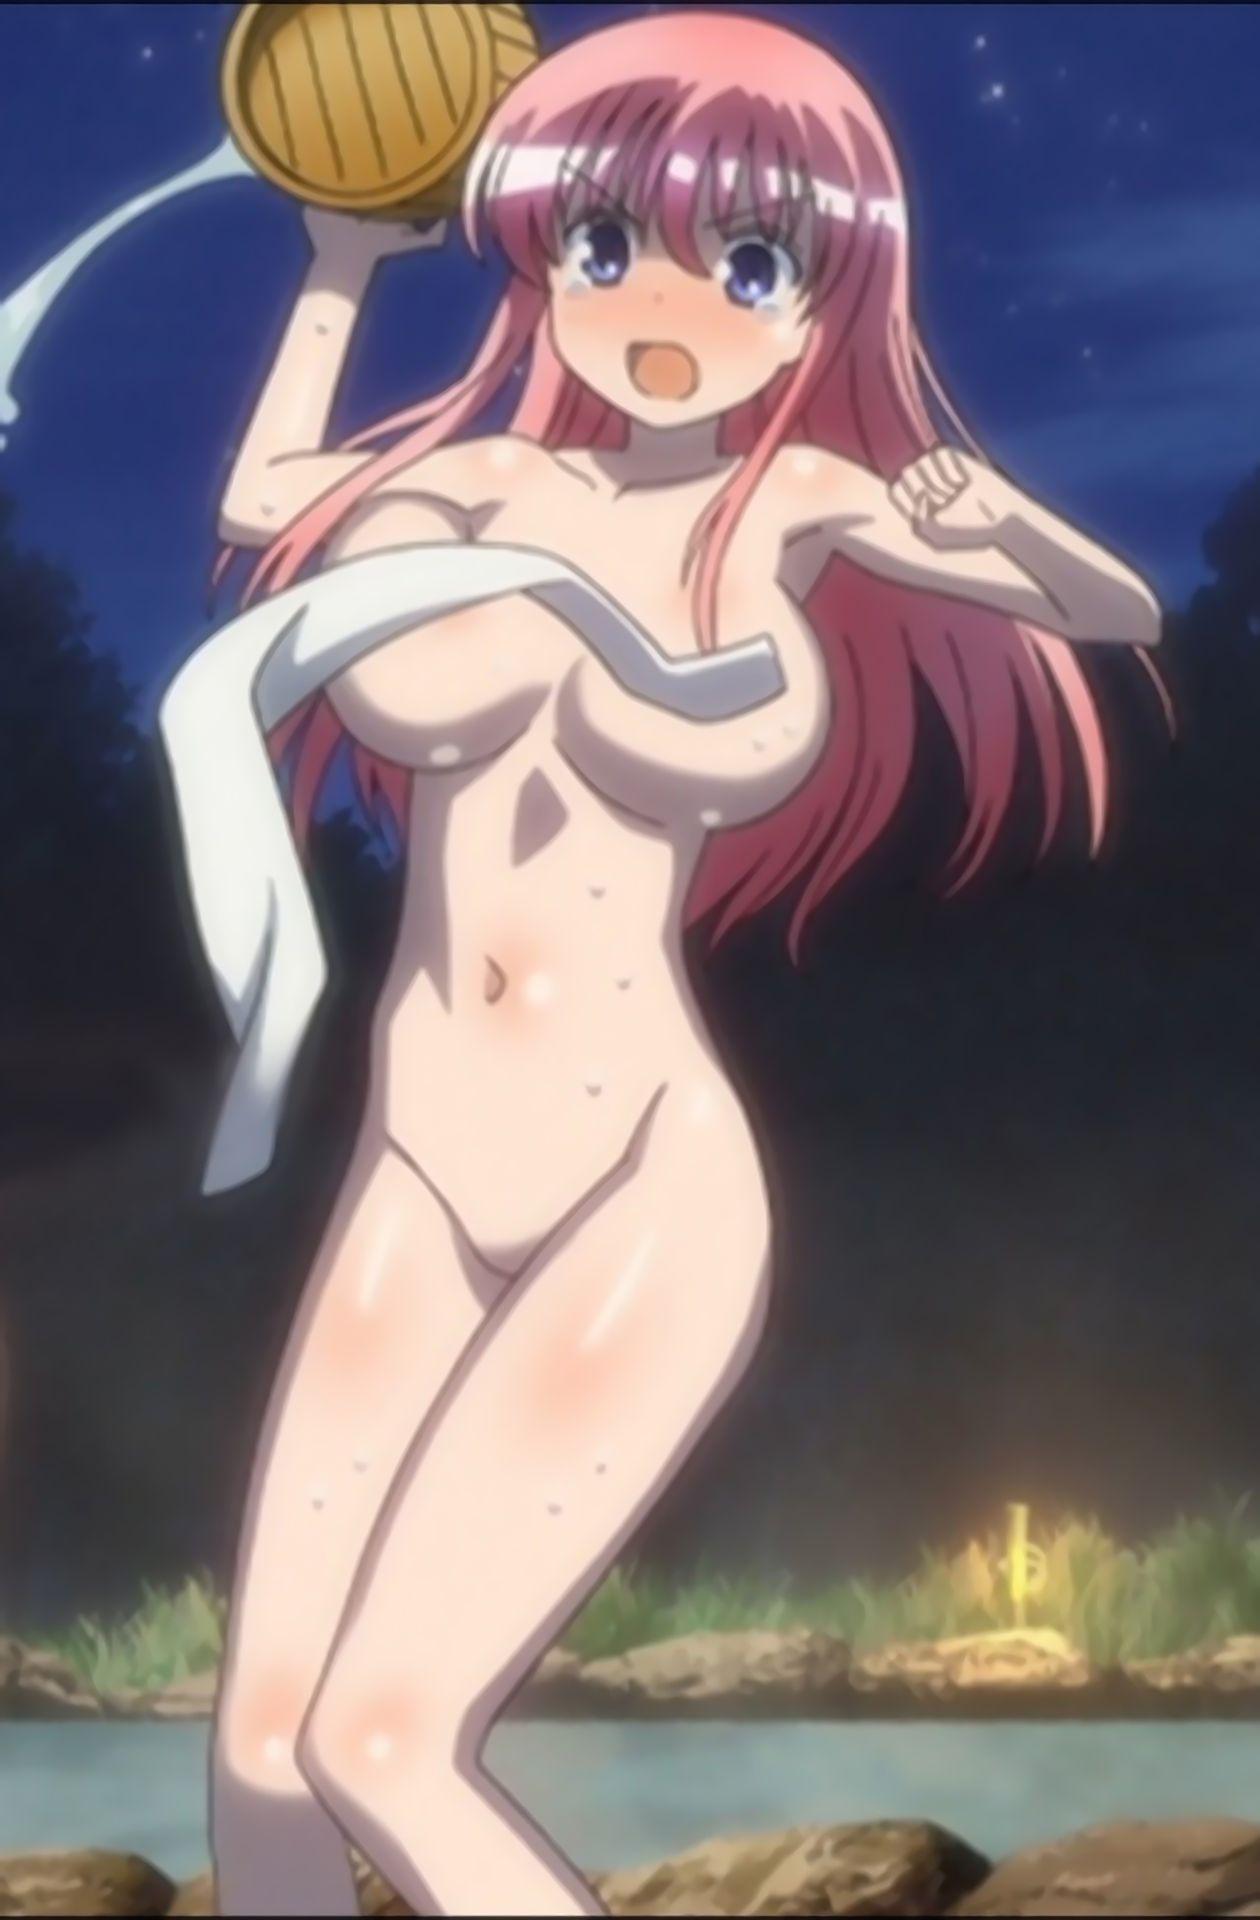 淫乱, ピンク髪 ピンク髪のキャラは淫乱とかいう風評被害。